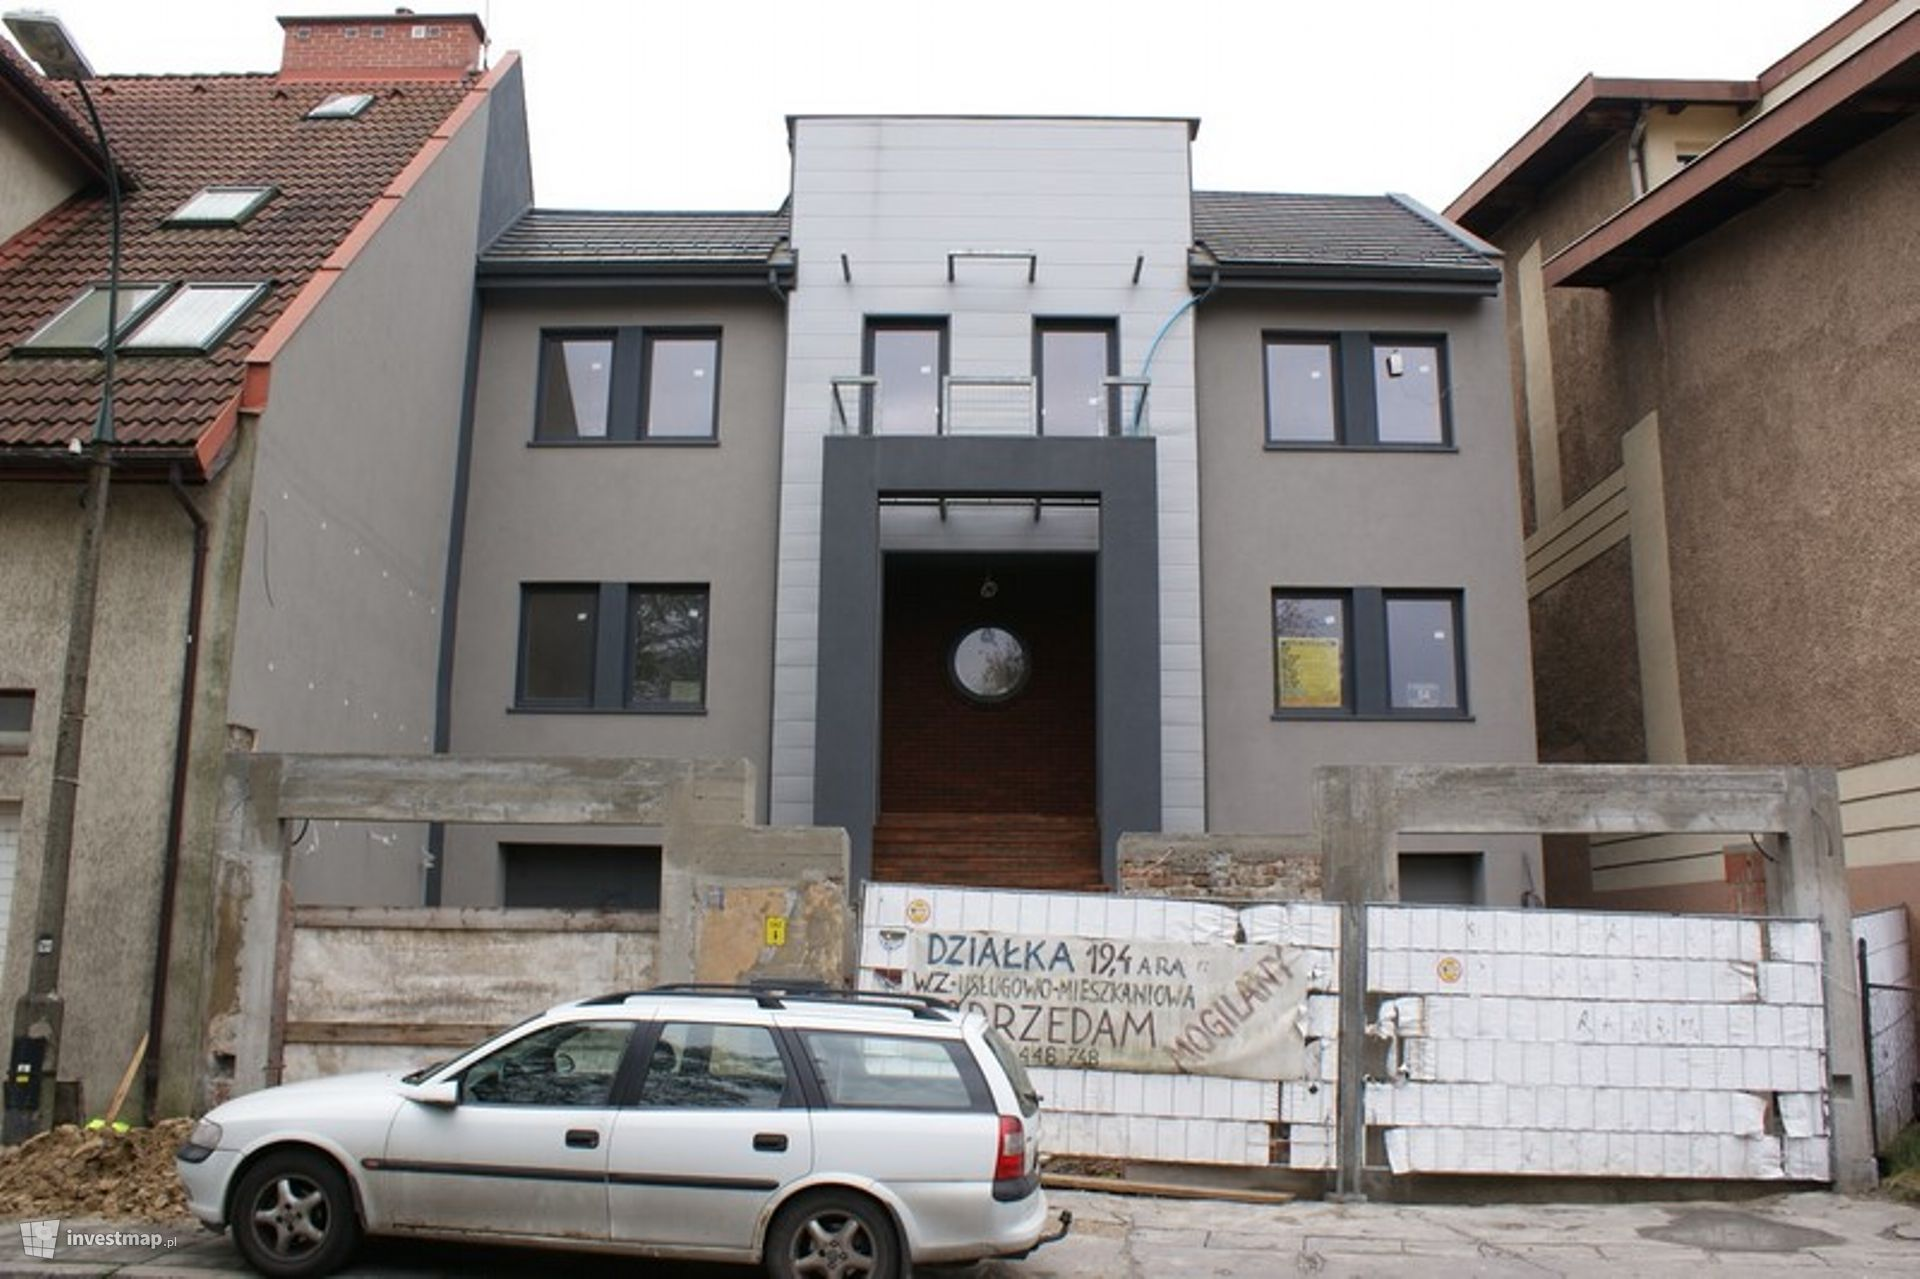 Budynek Mieszkalny Jednorodzinny, ul. Królowej Jadwigi 54